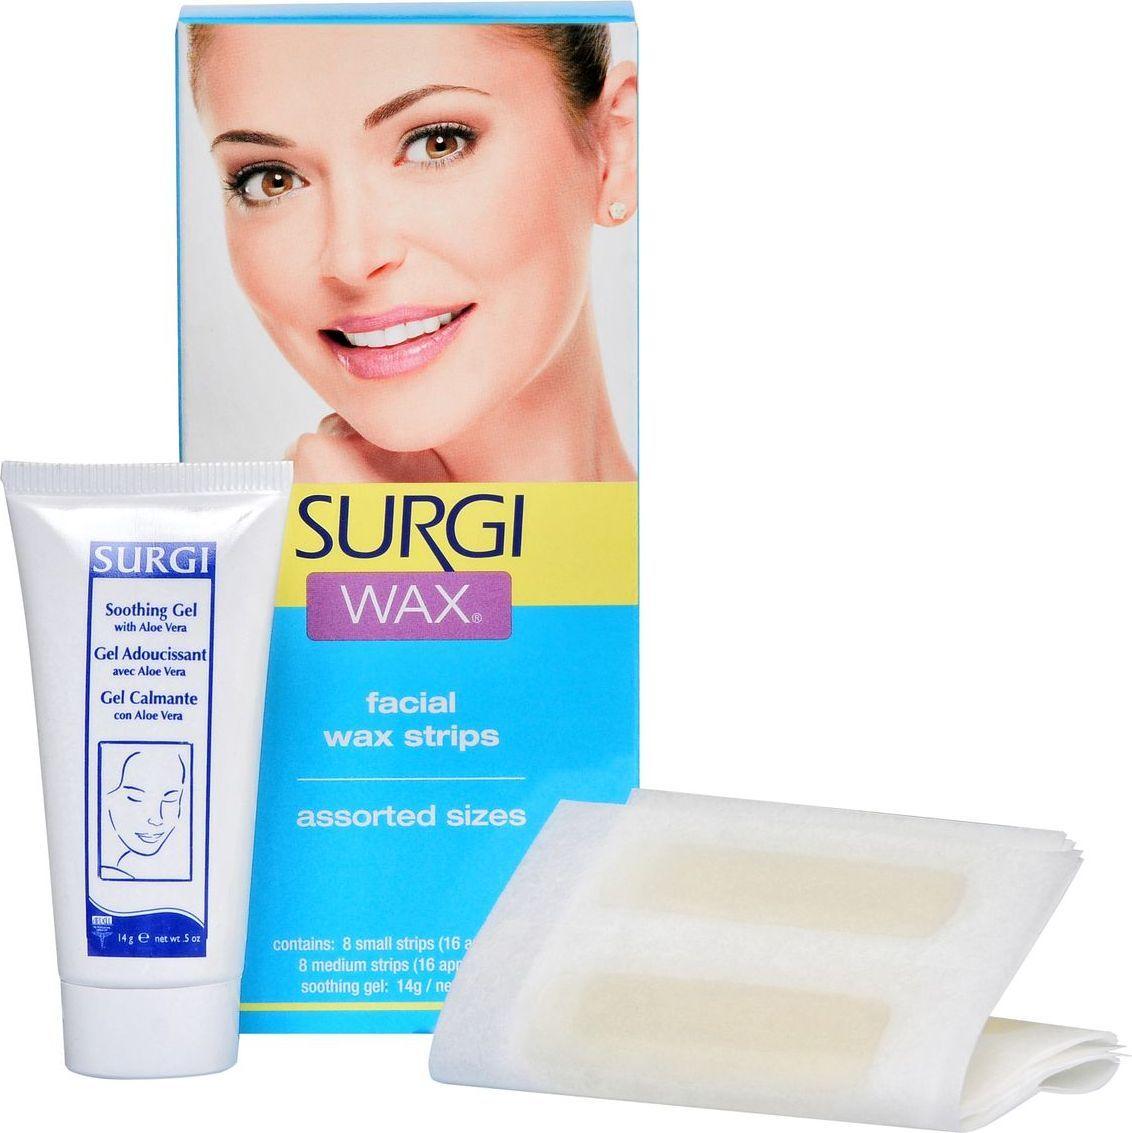 Surgi Набор Assorted Honey Facical Wax Strips: полоски с воском для удаления волос на лице, крем